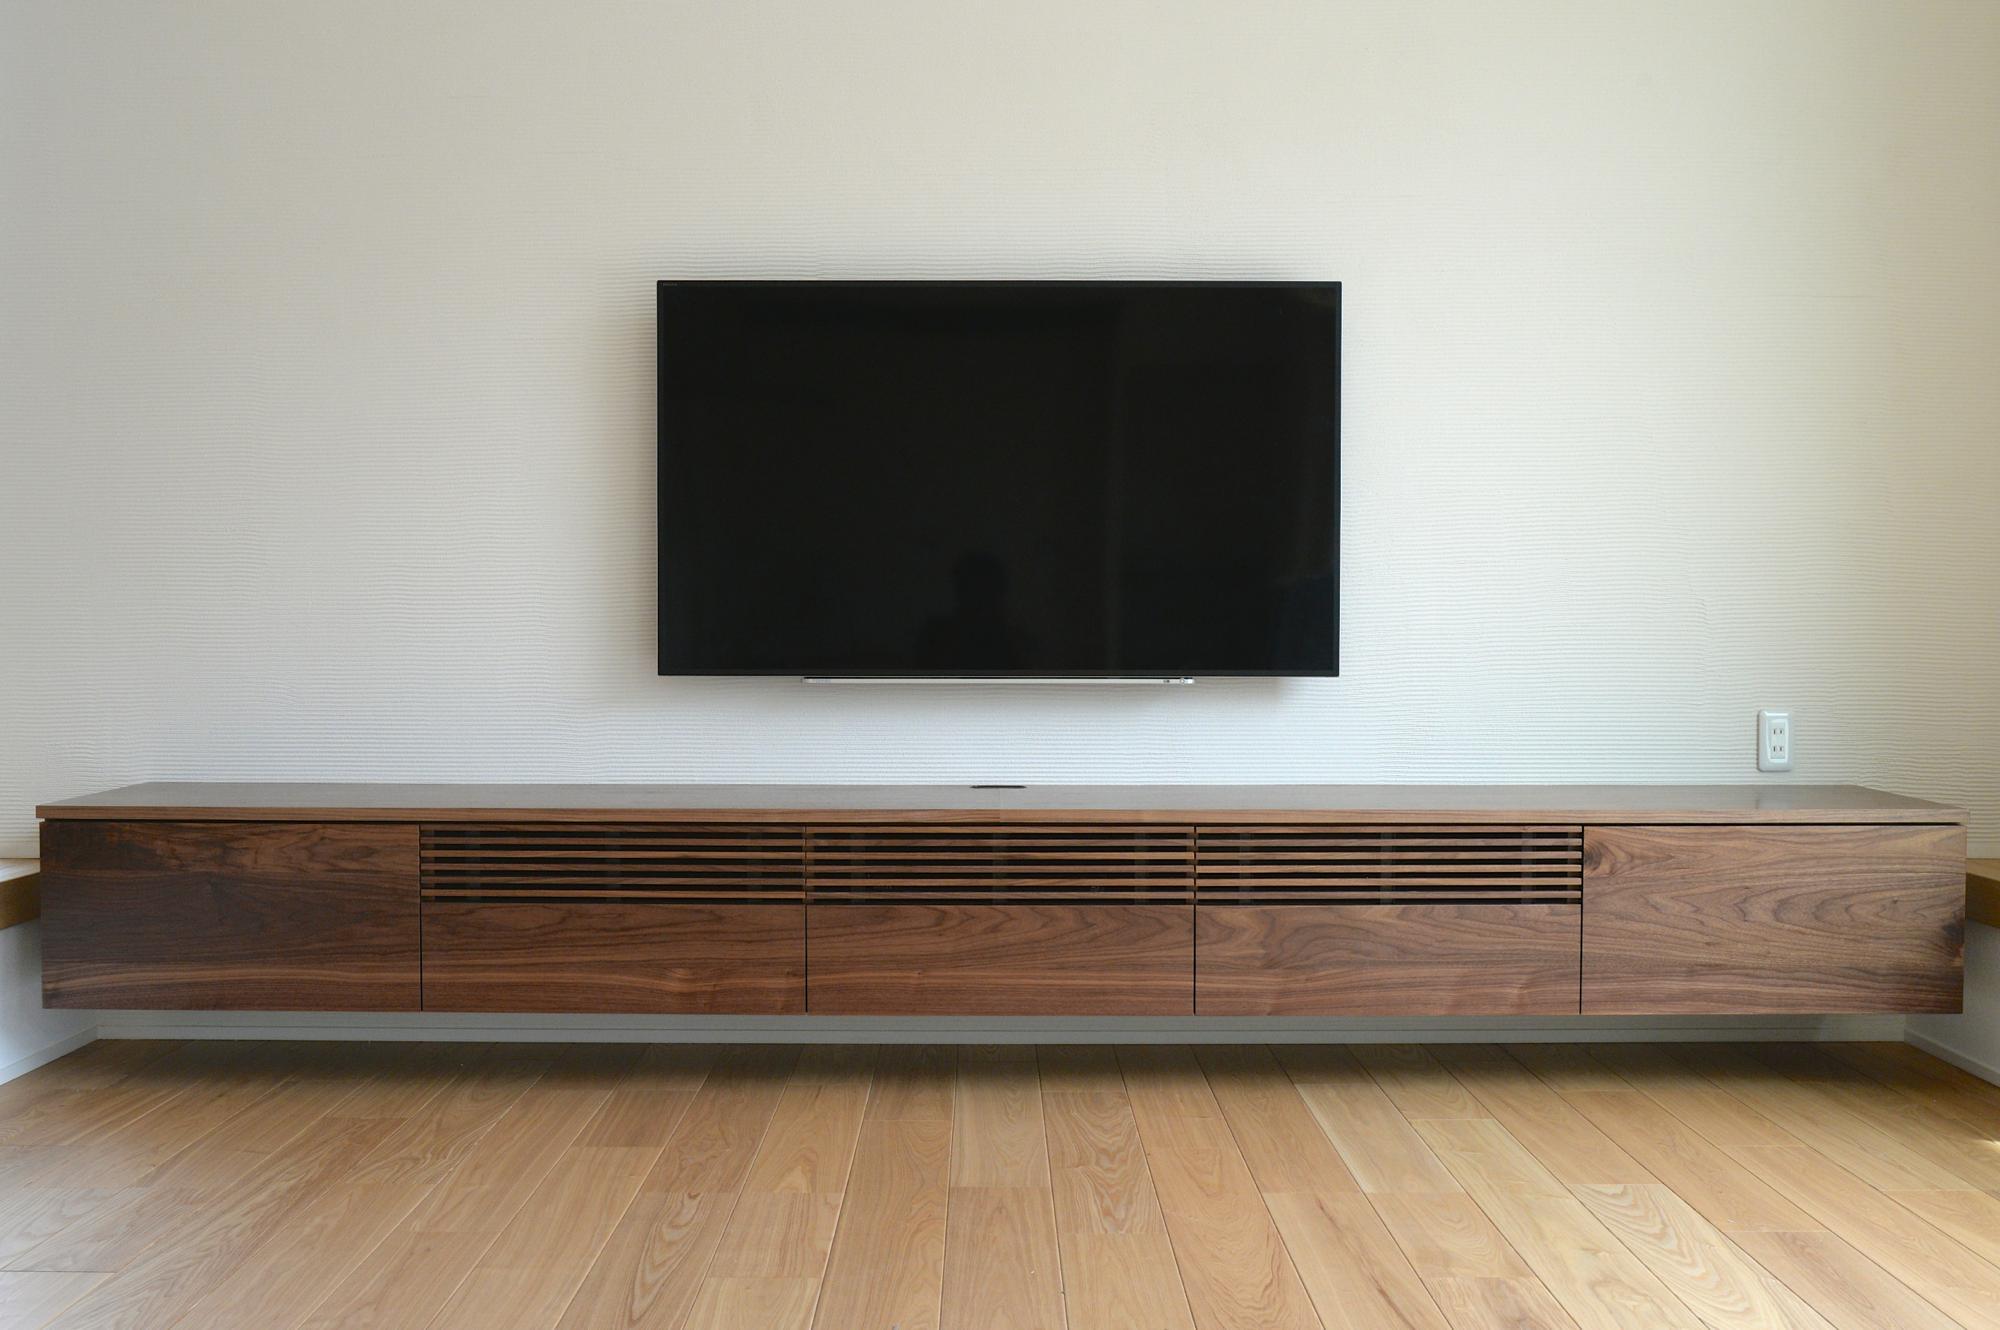 ウォールナット テレビボード ルーバー オーダー 格子